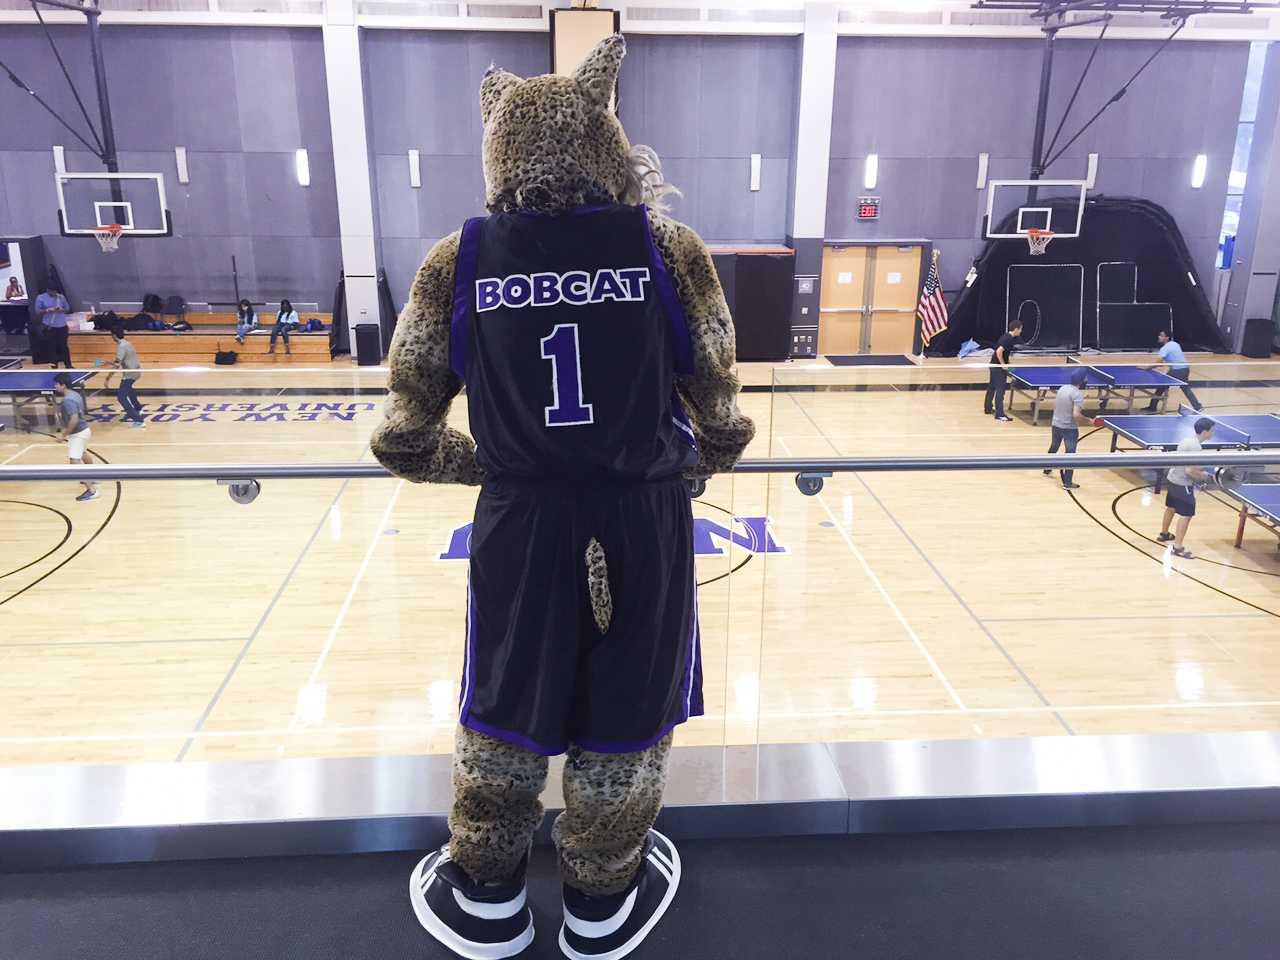 Unmasking the NYU Bobcat | Washington Square News